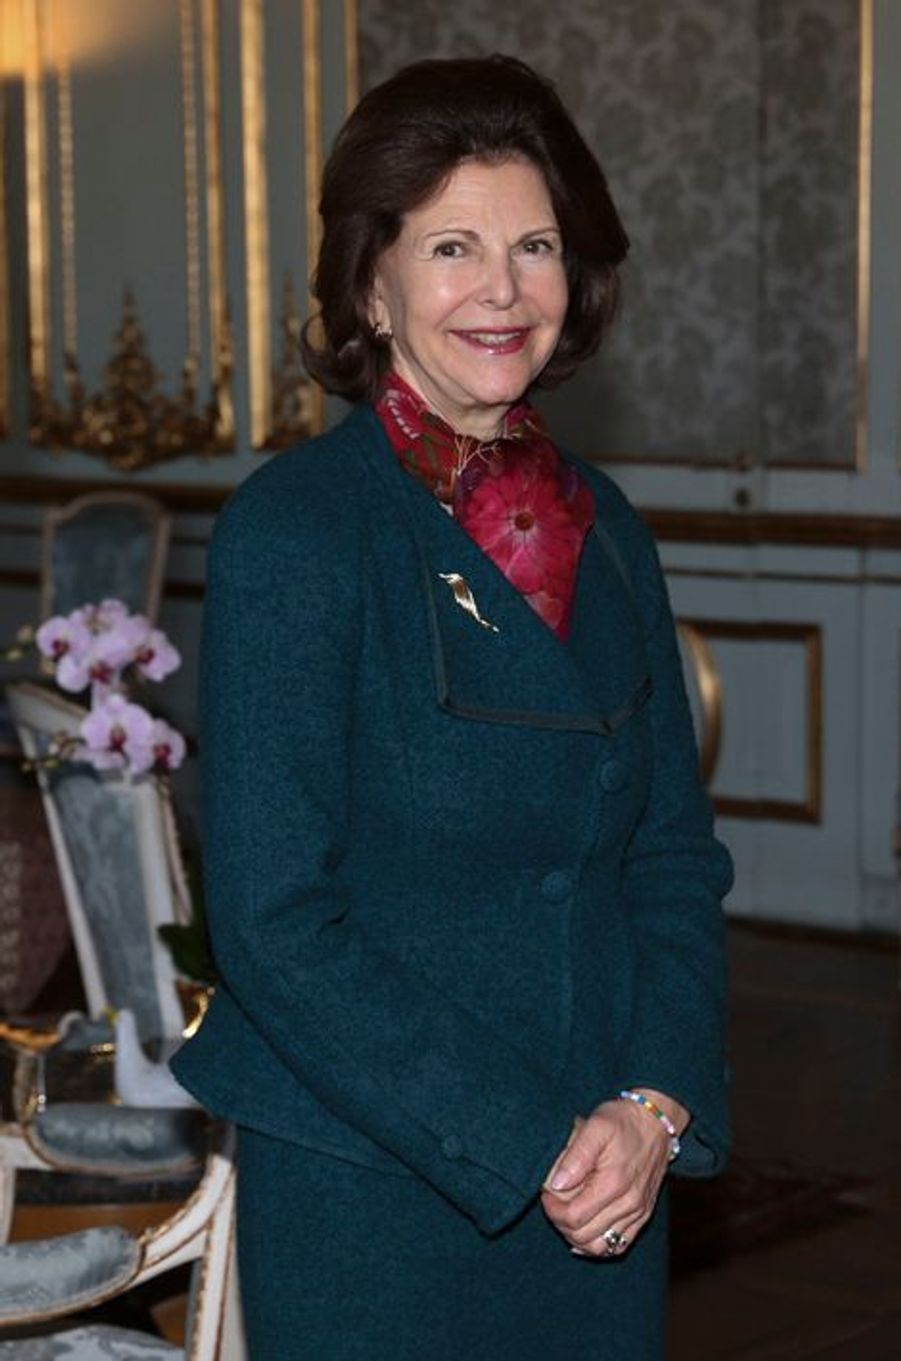 La reine Silvia de Suède au Palais royal à Sotckholm, le 21 janvier 2016